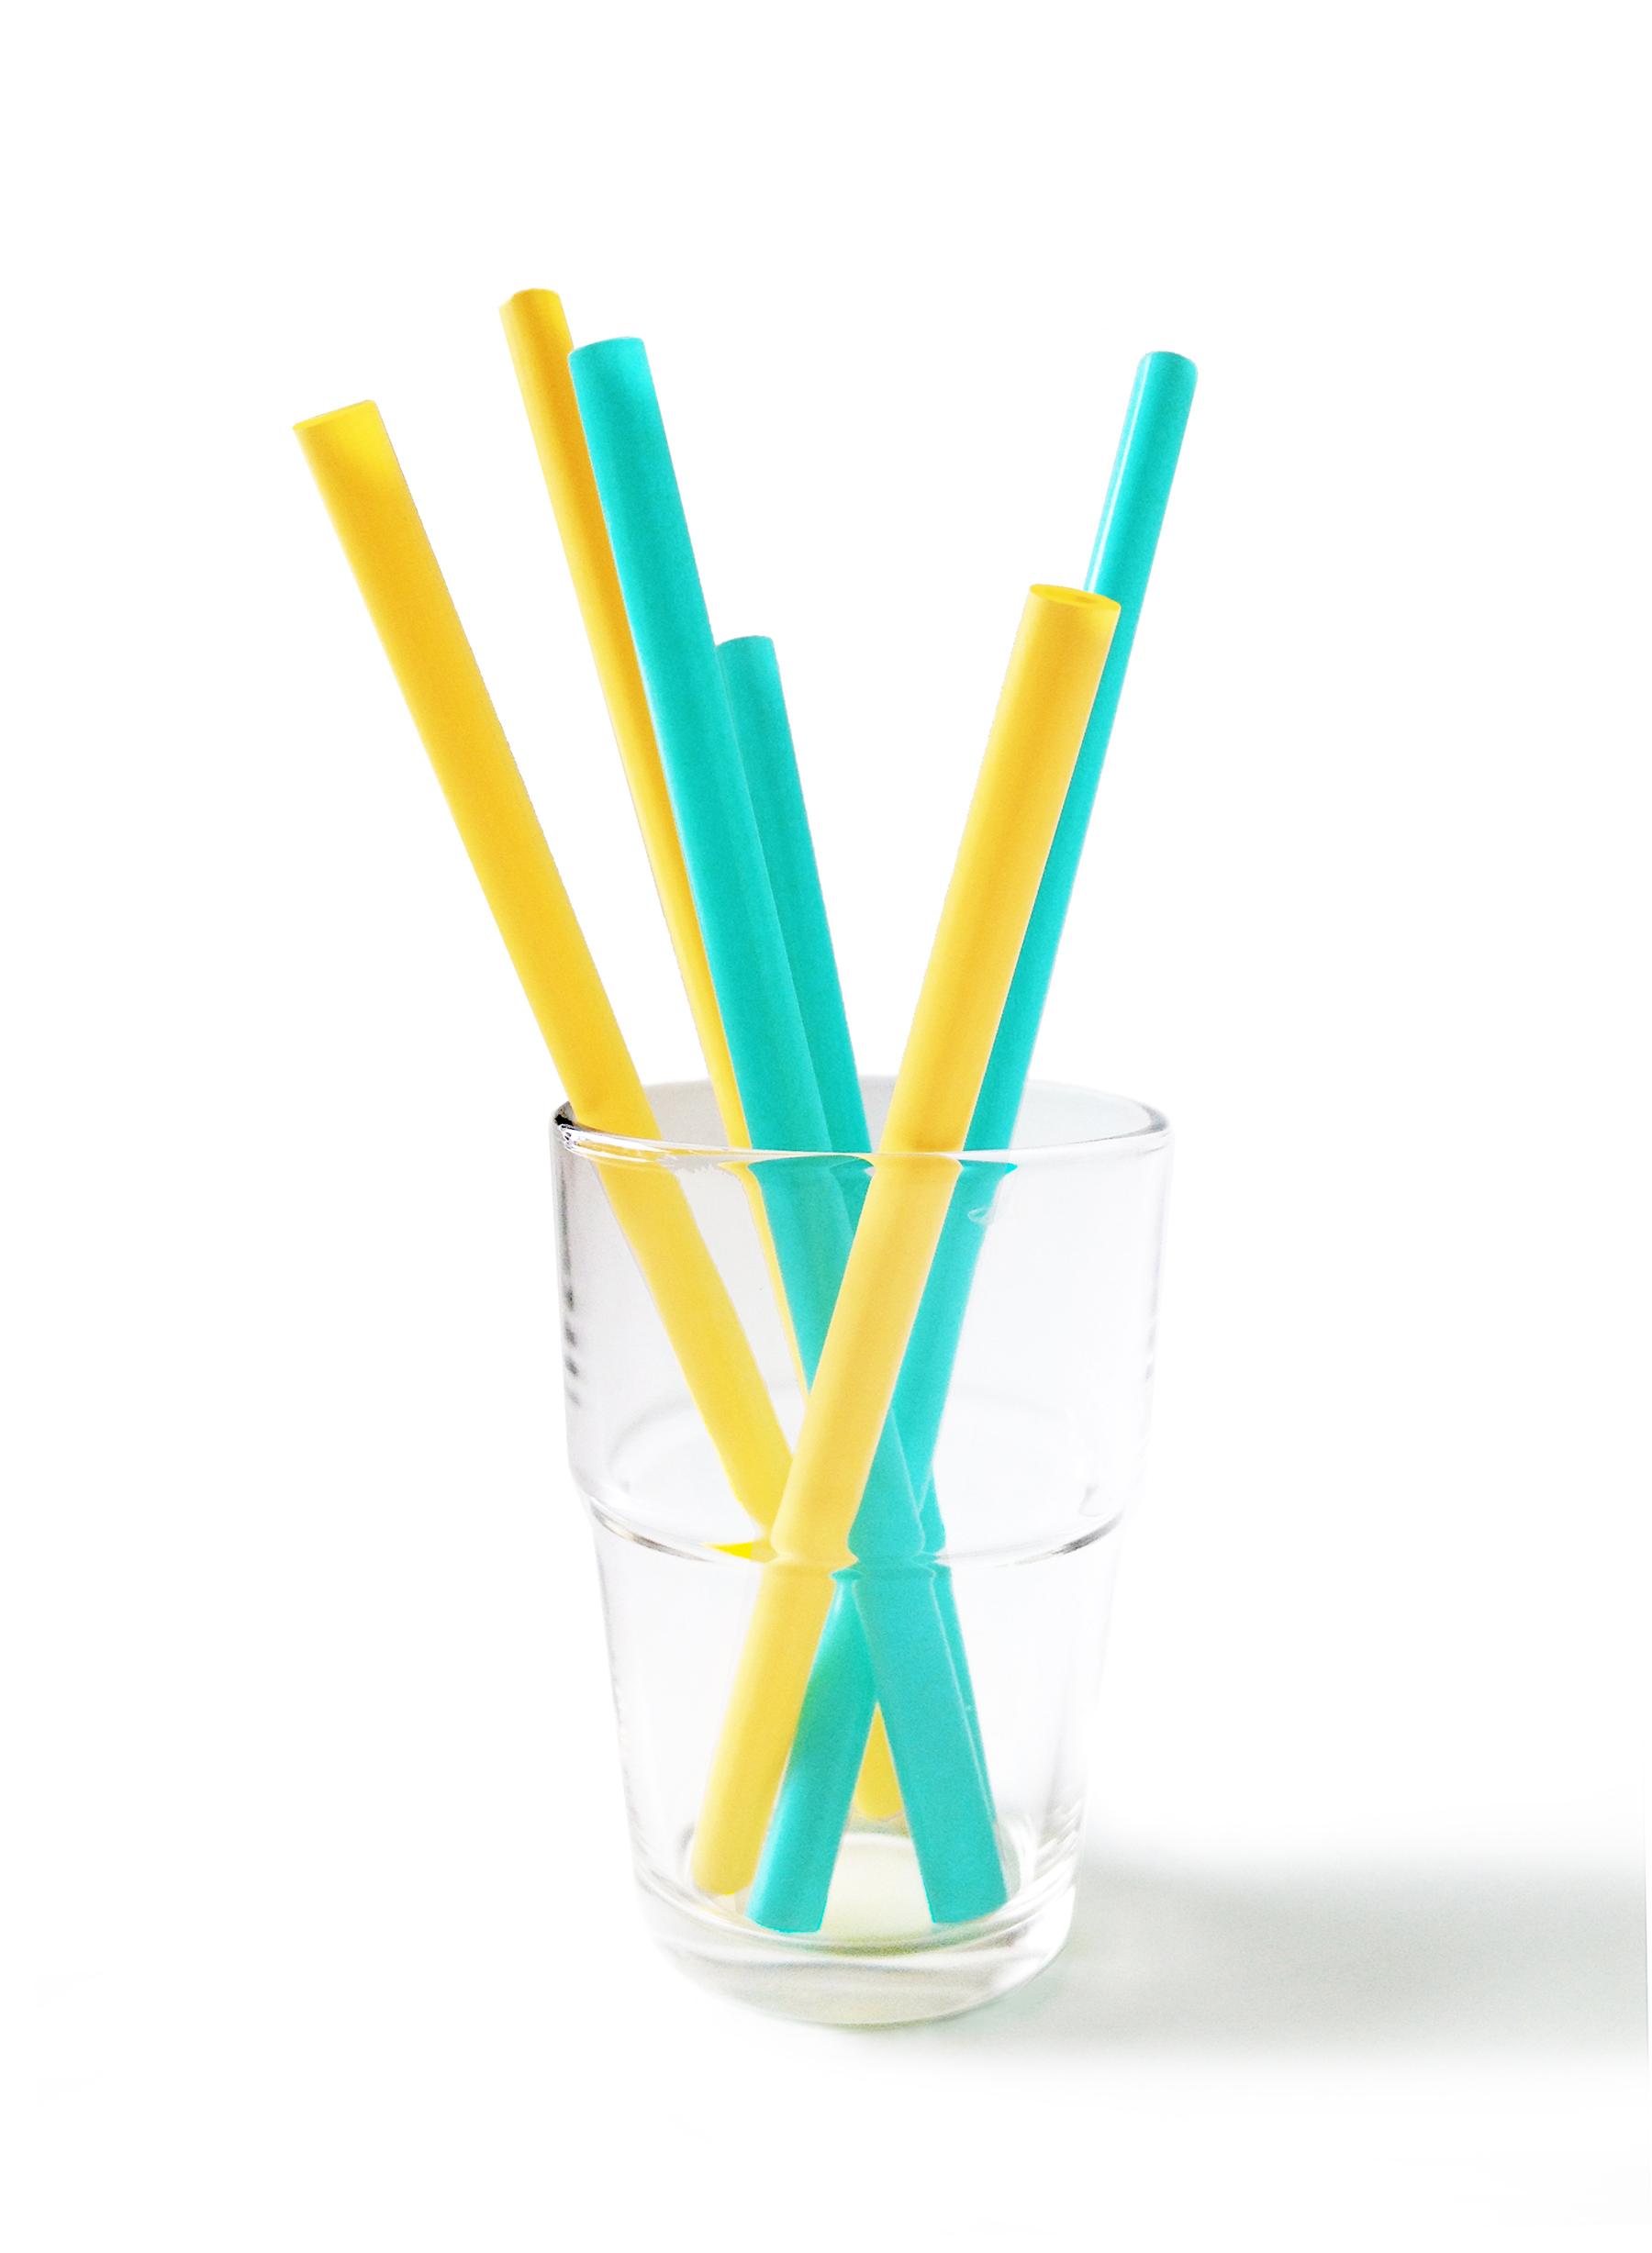 Siliskin Reusable Silicone Straws